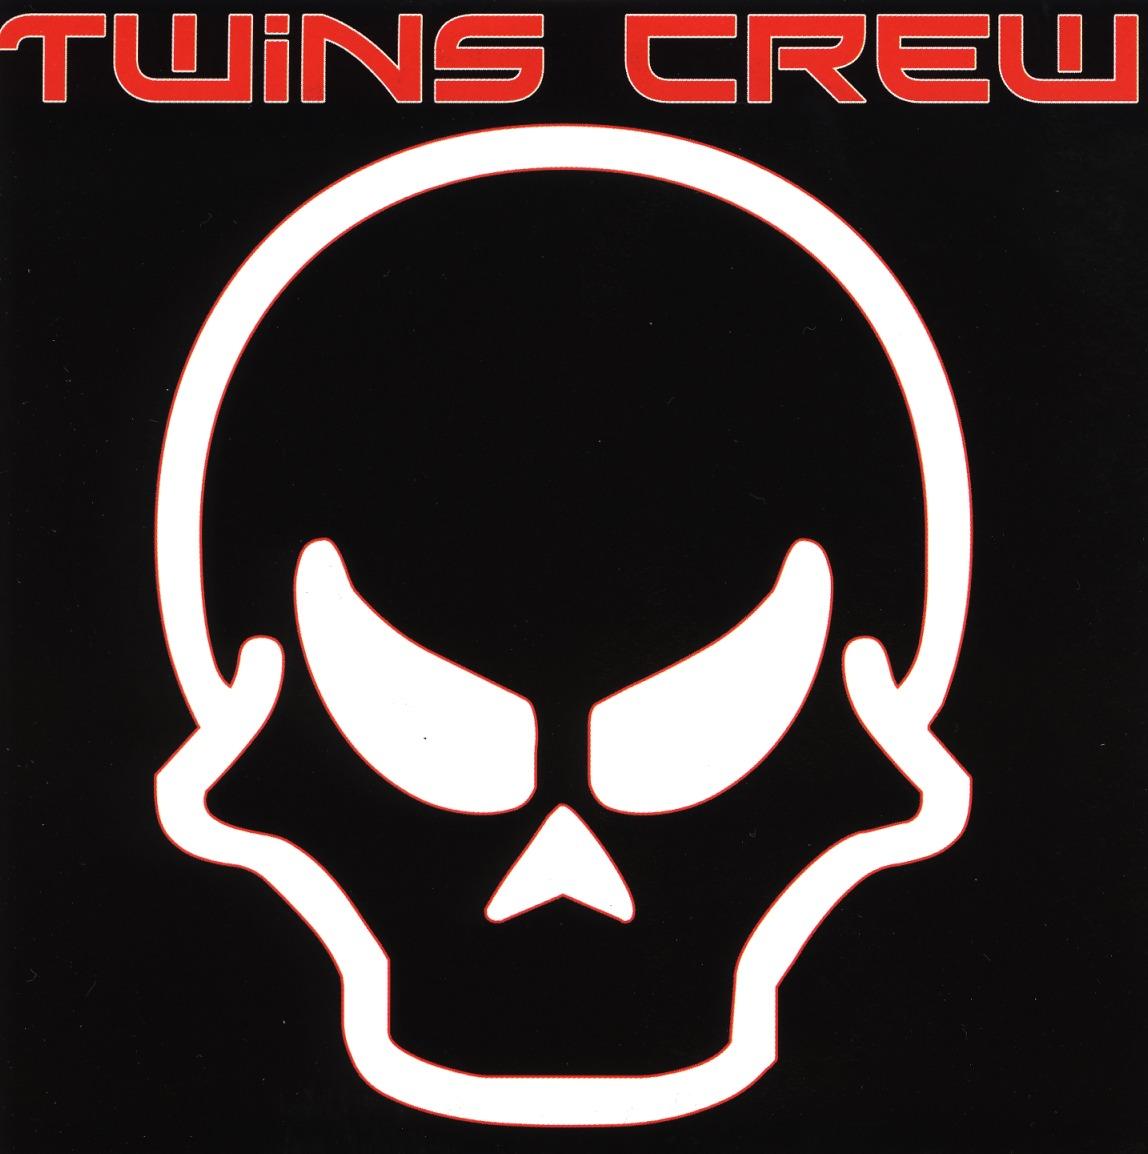 TWINS CREW / Twins Crew